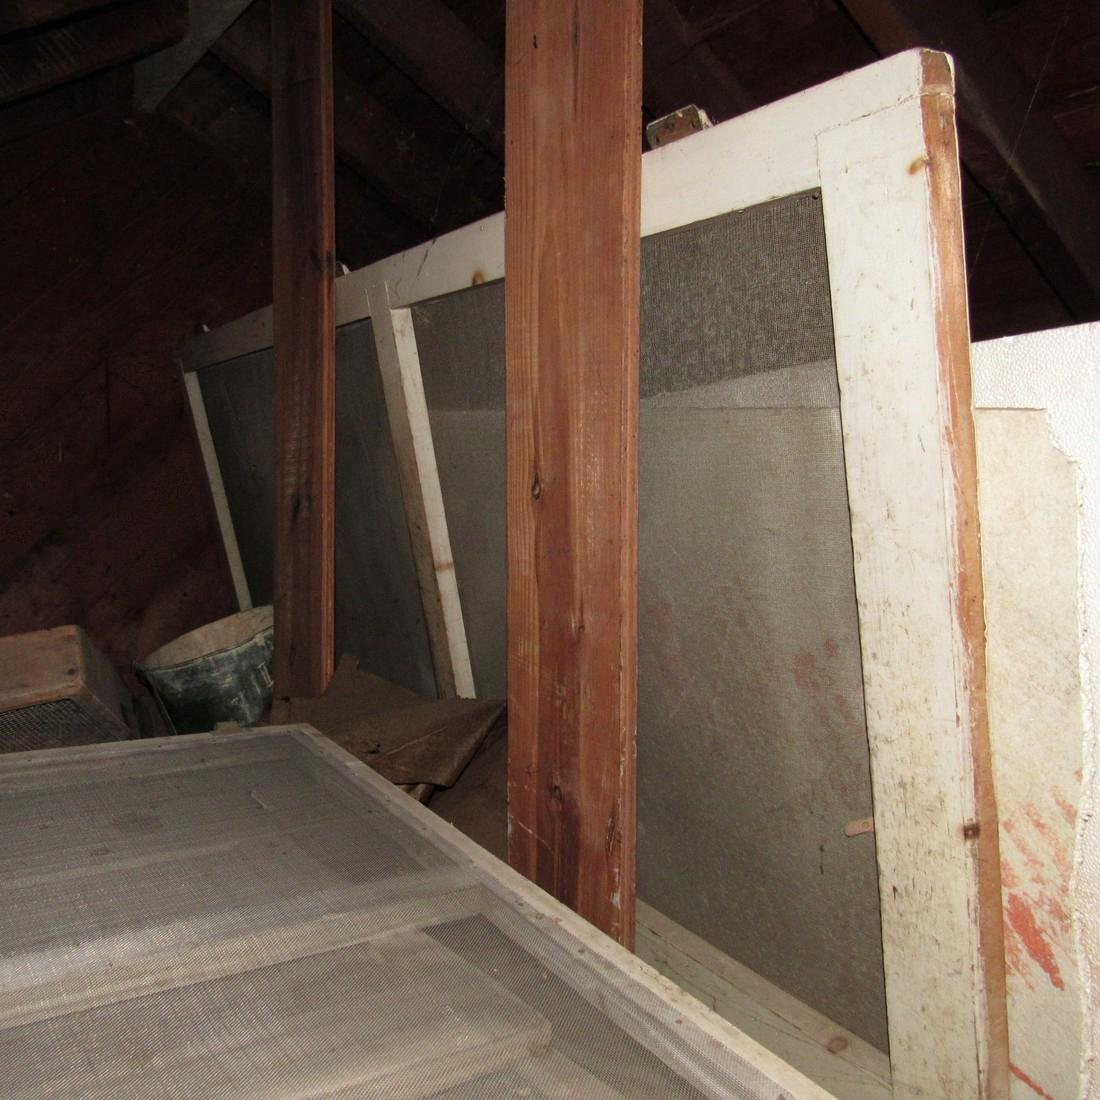 Contents of Top of Garage Mower Wood Door - 7